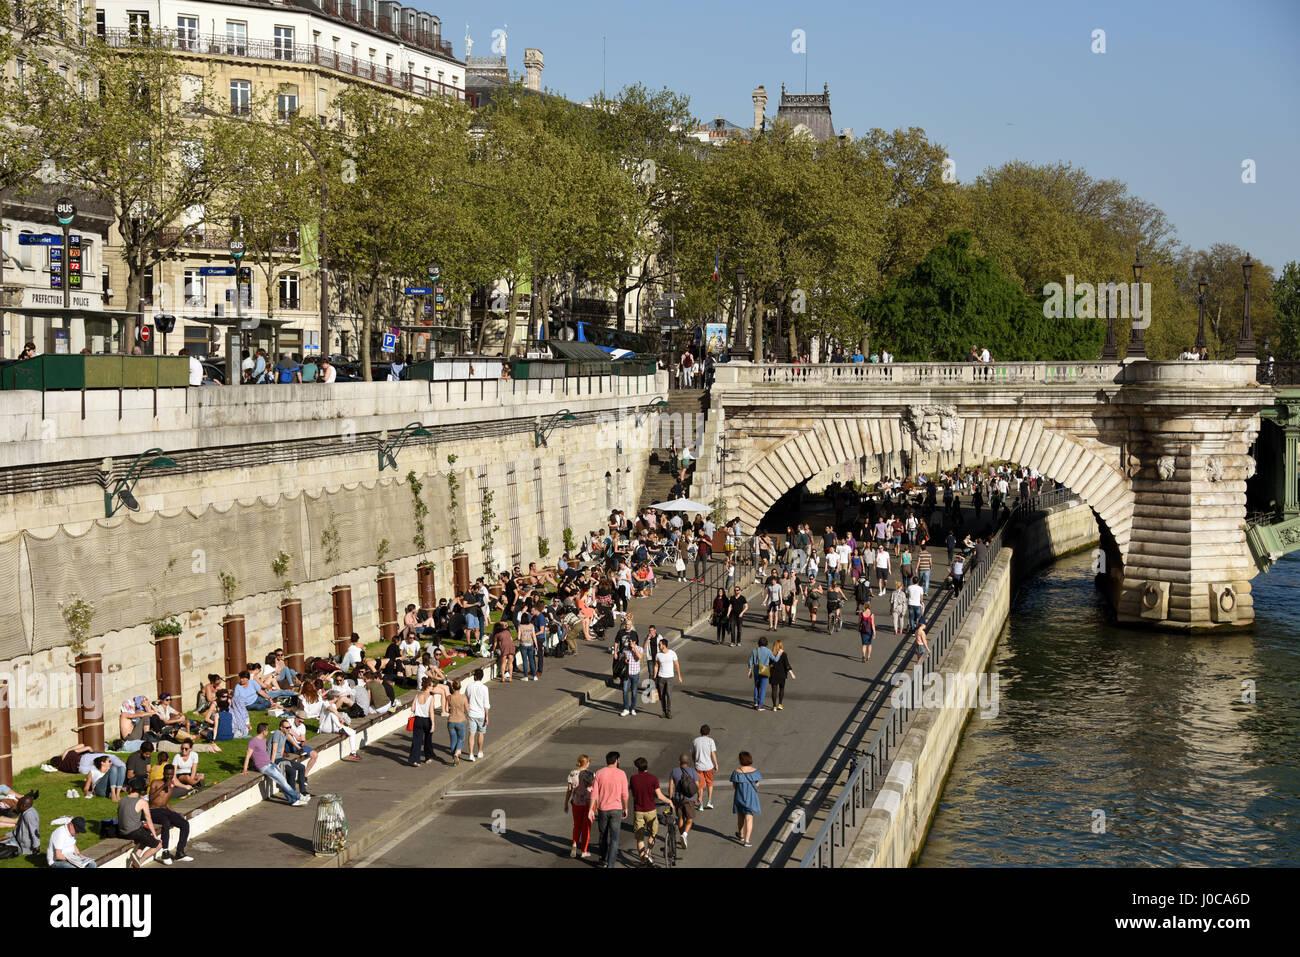 Quai de la Megisserie, Pont au Change, Seine river, Paris, France, Europe - Stock Image